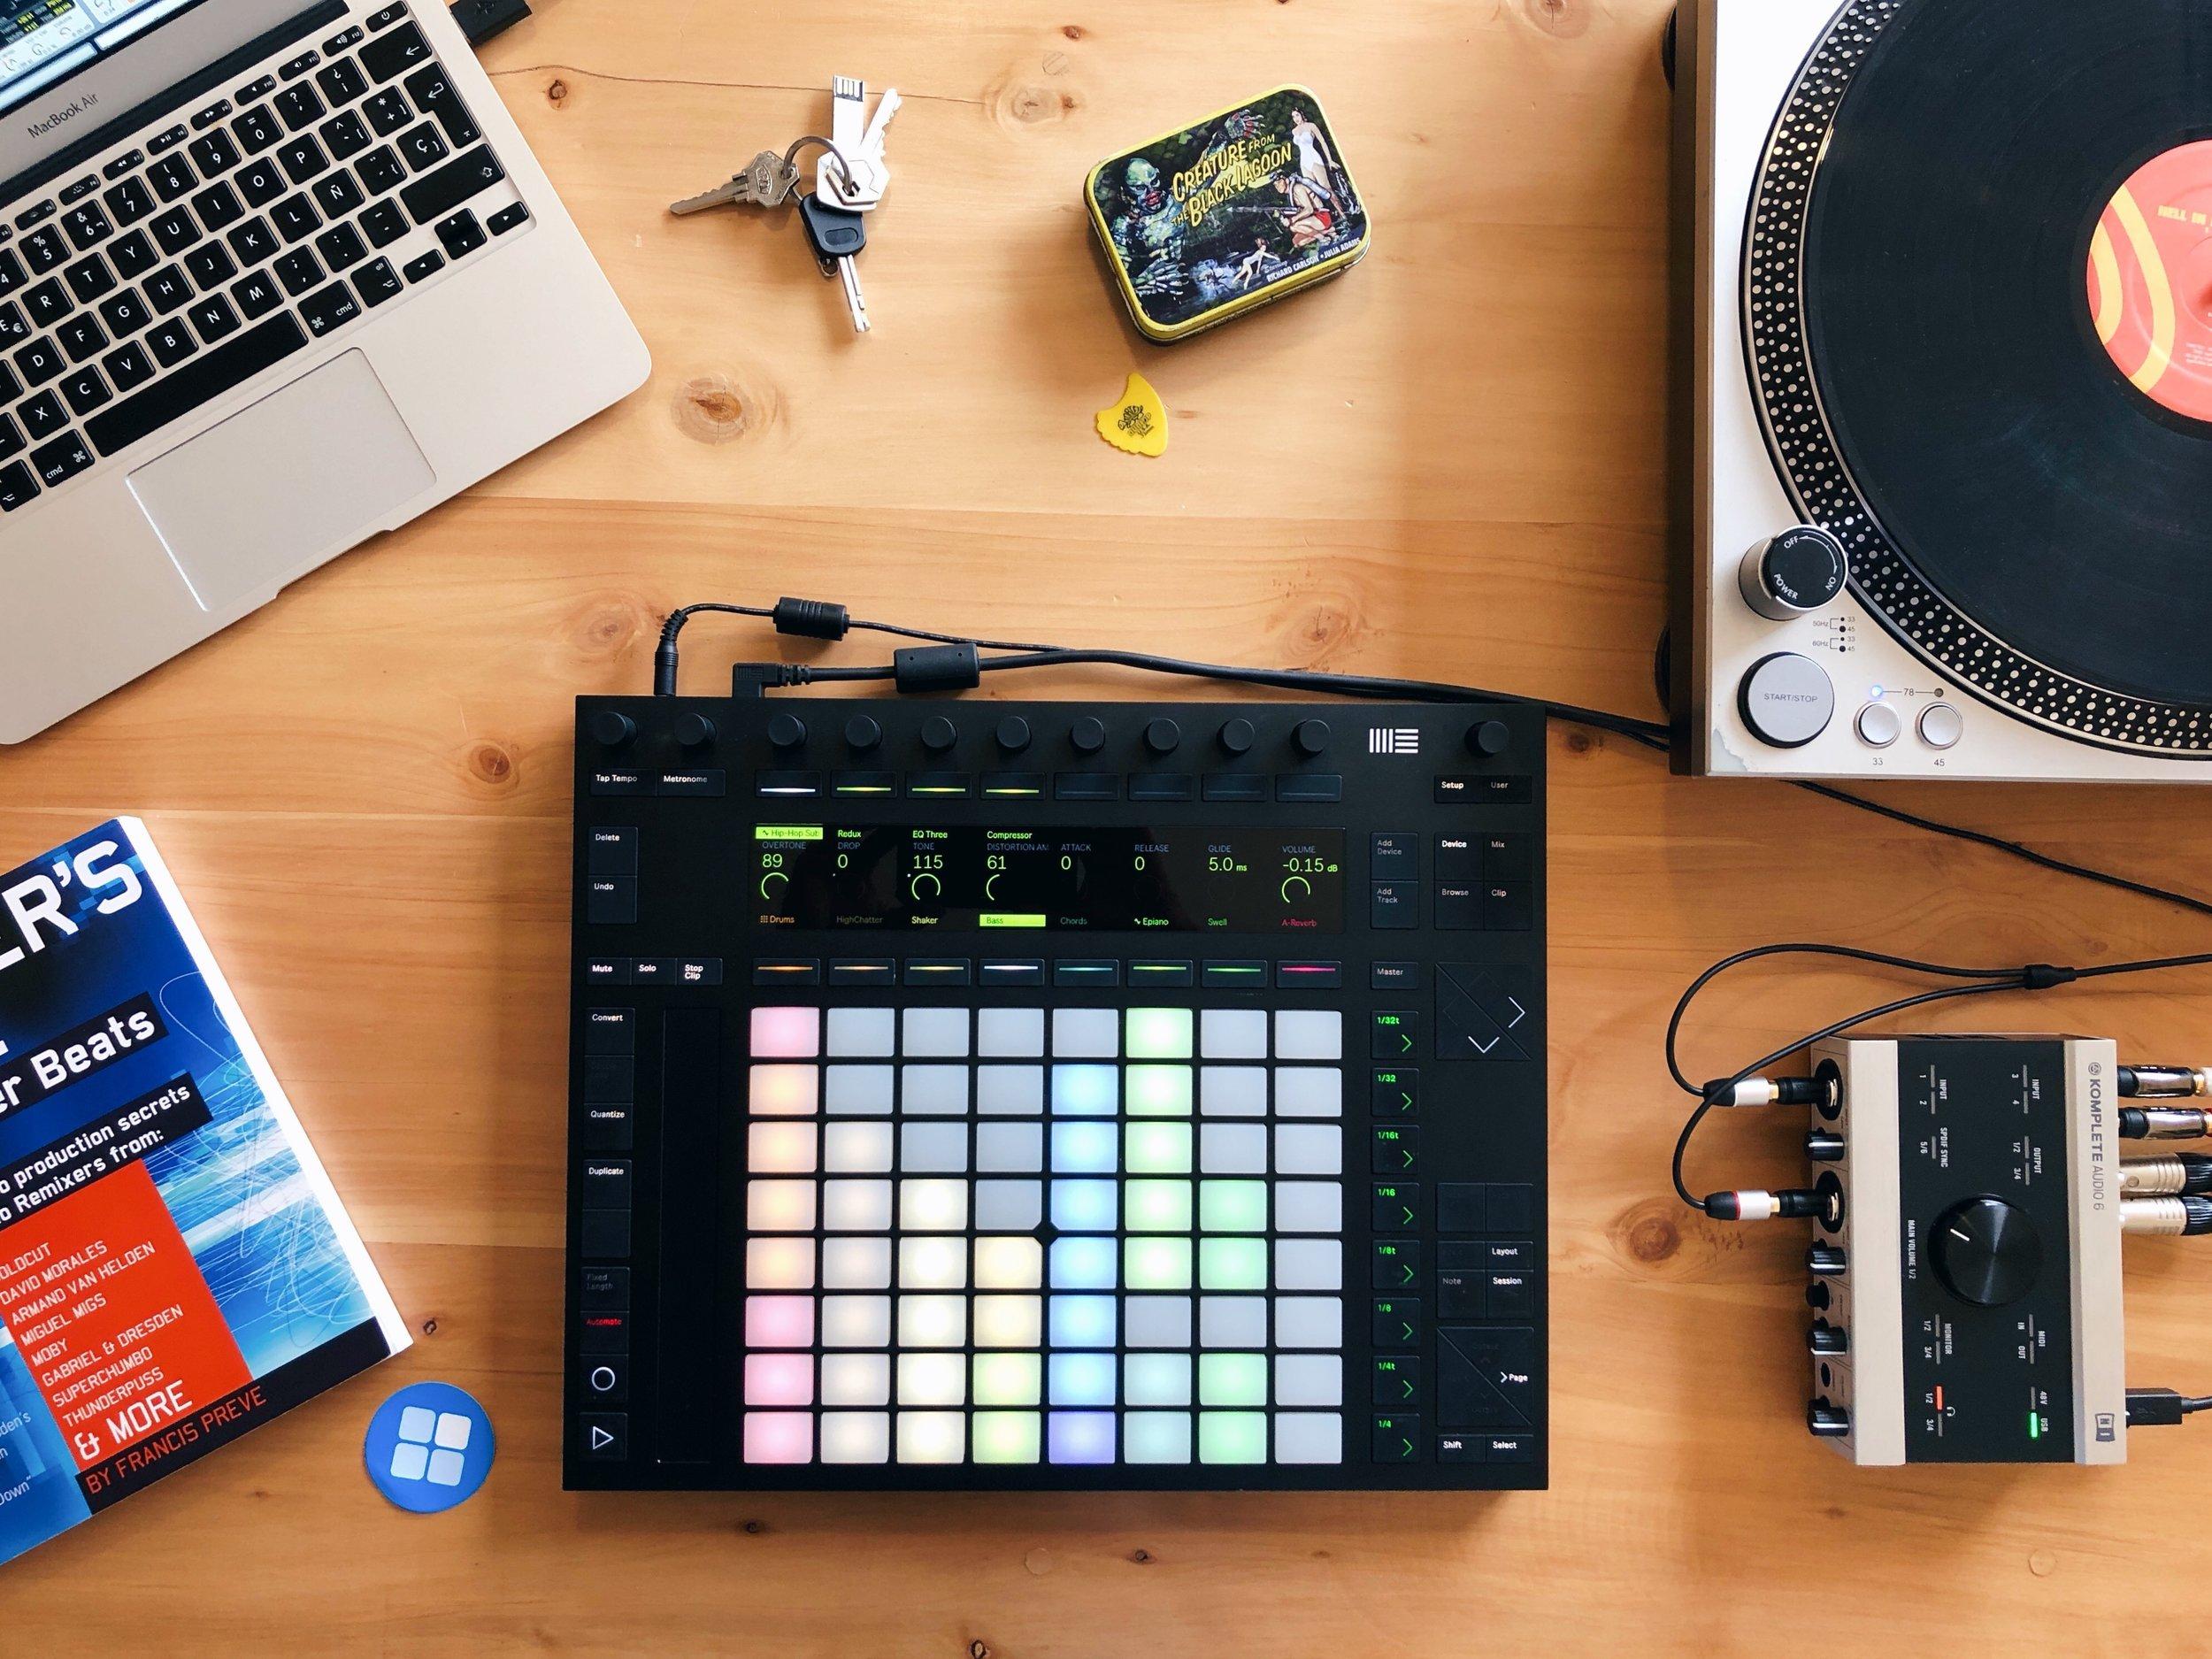 Durante el curso se usa Push, un instrumento para el control manual de melodías, ritmos y sonidos.